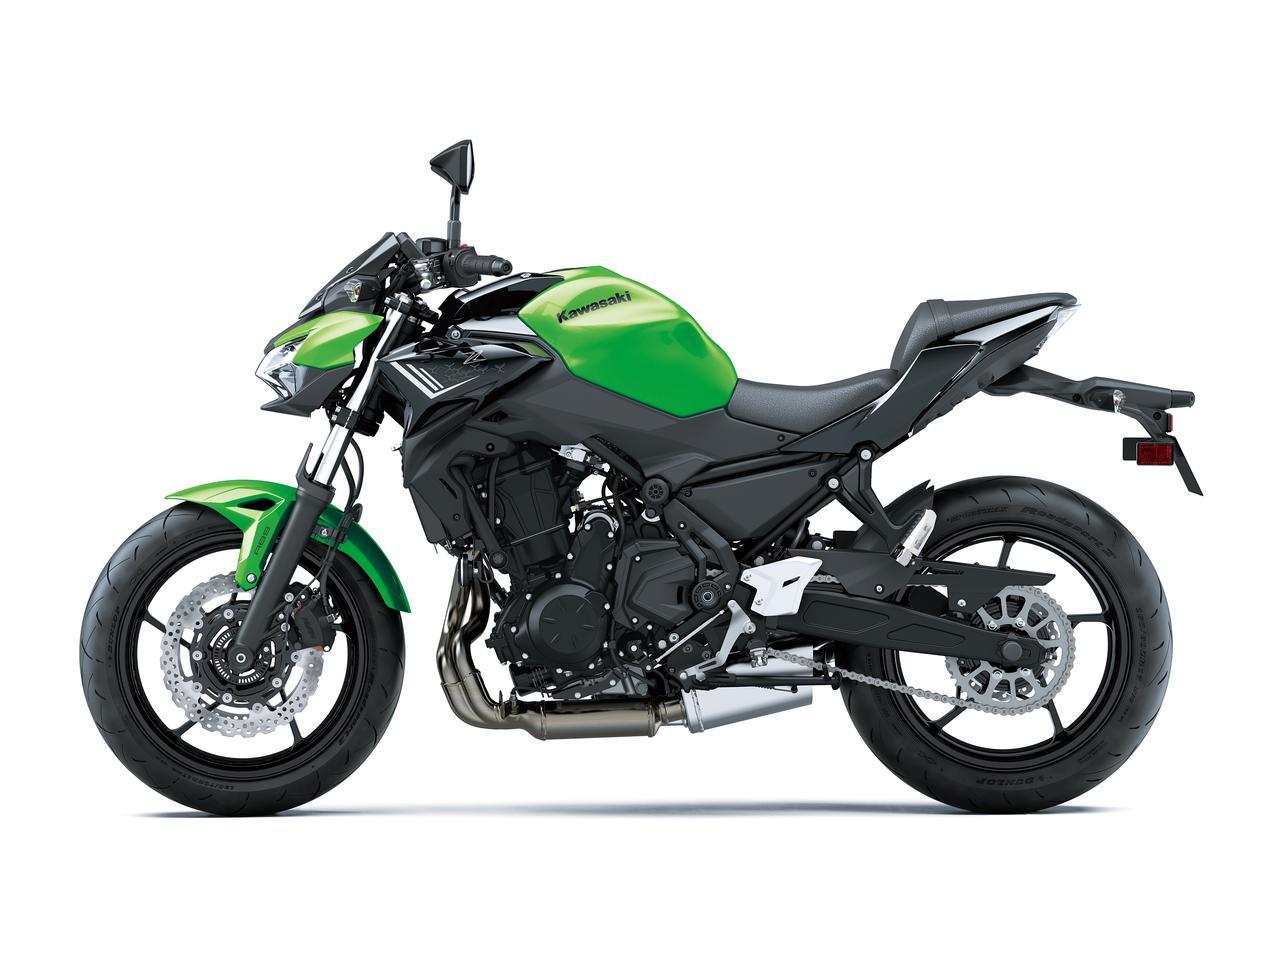 画像23: カワサキの新型「Z900」「Z650」は、デザインを「Z H2」のイメージに!? スタイリング紹介の第一報【EICMA 2019速報】